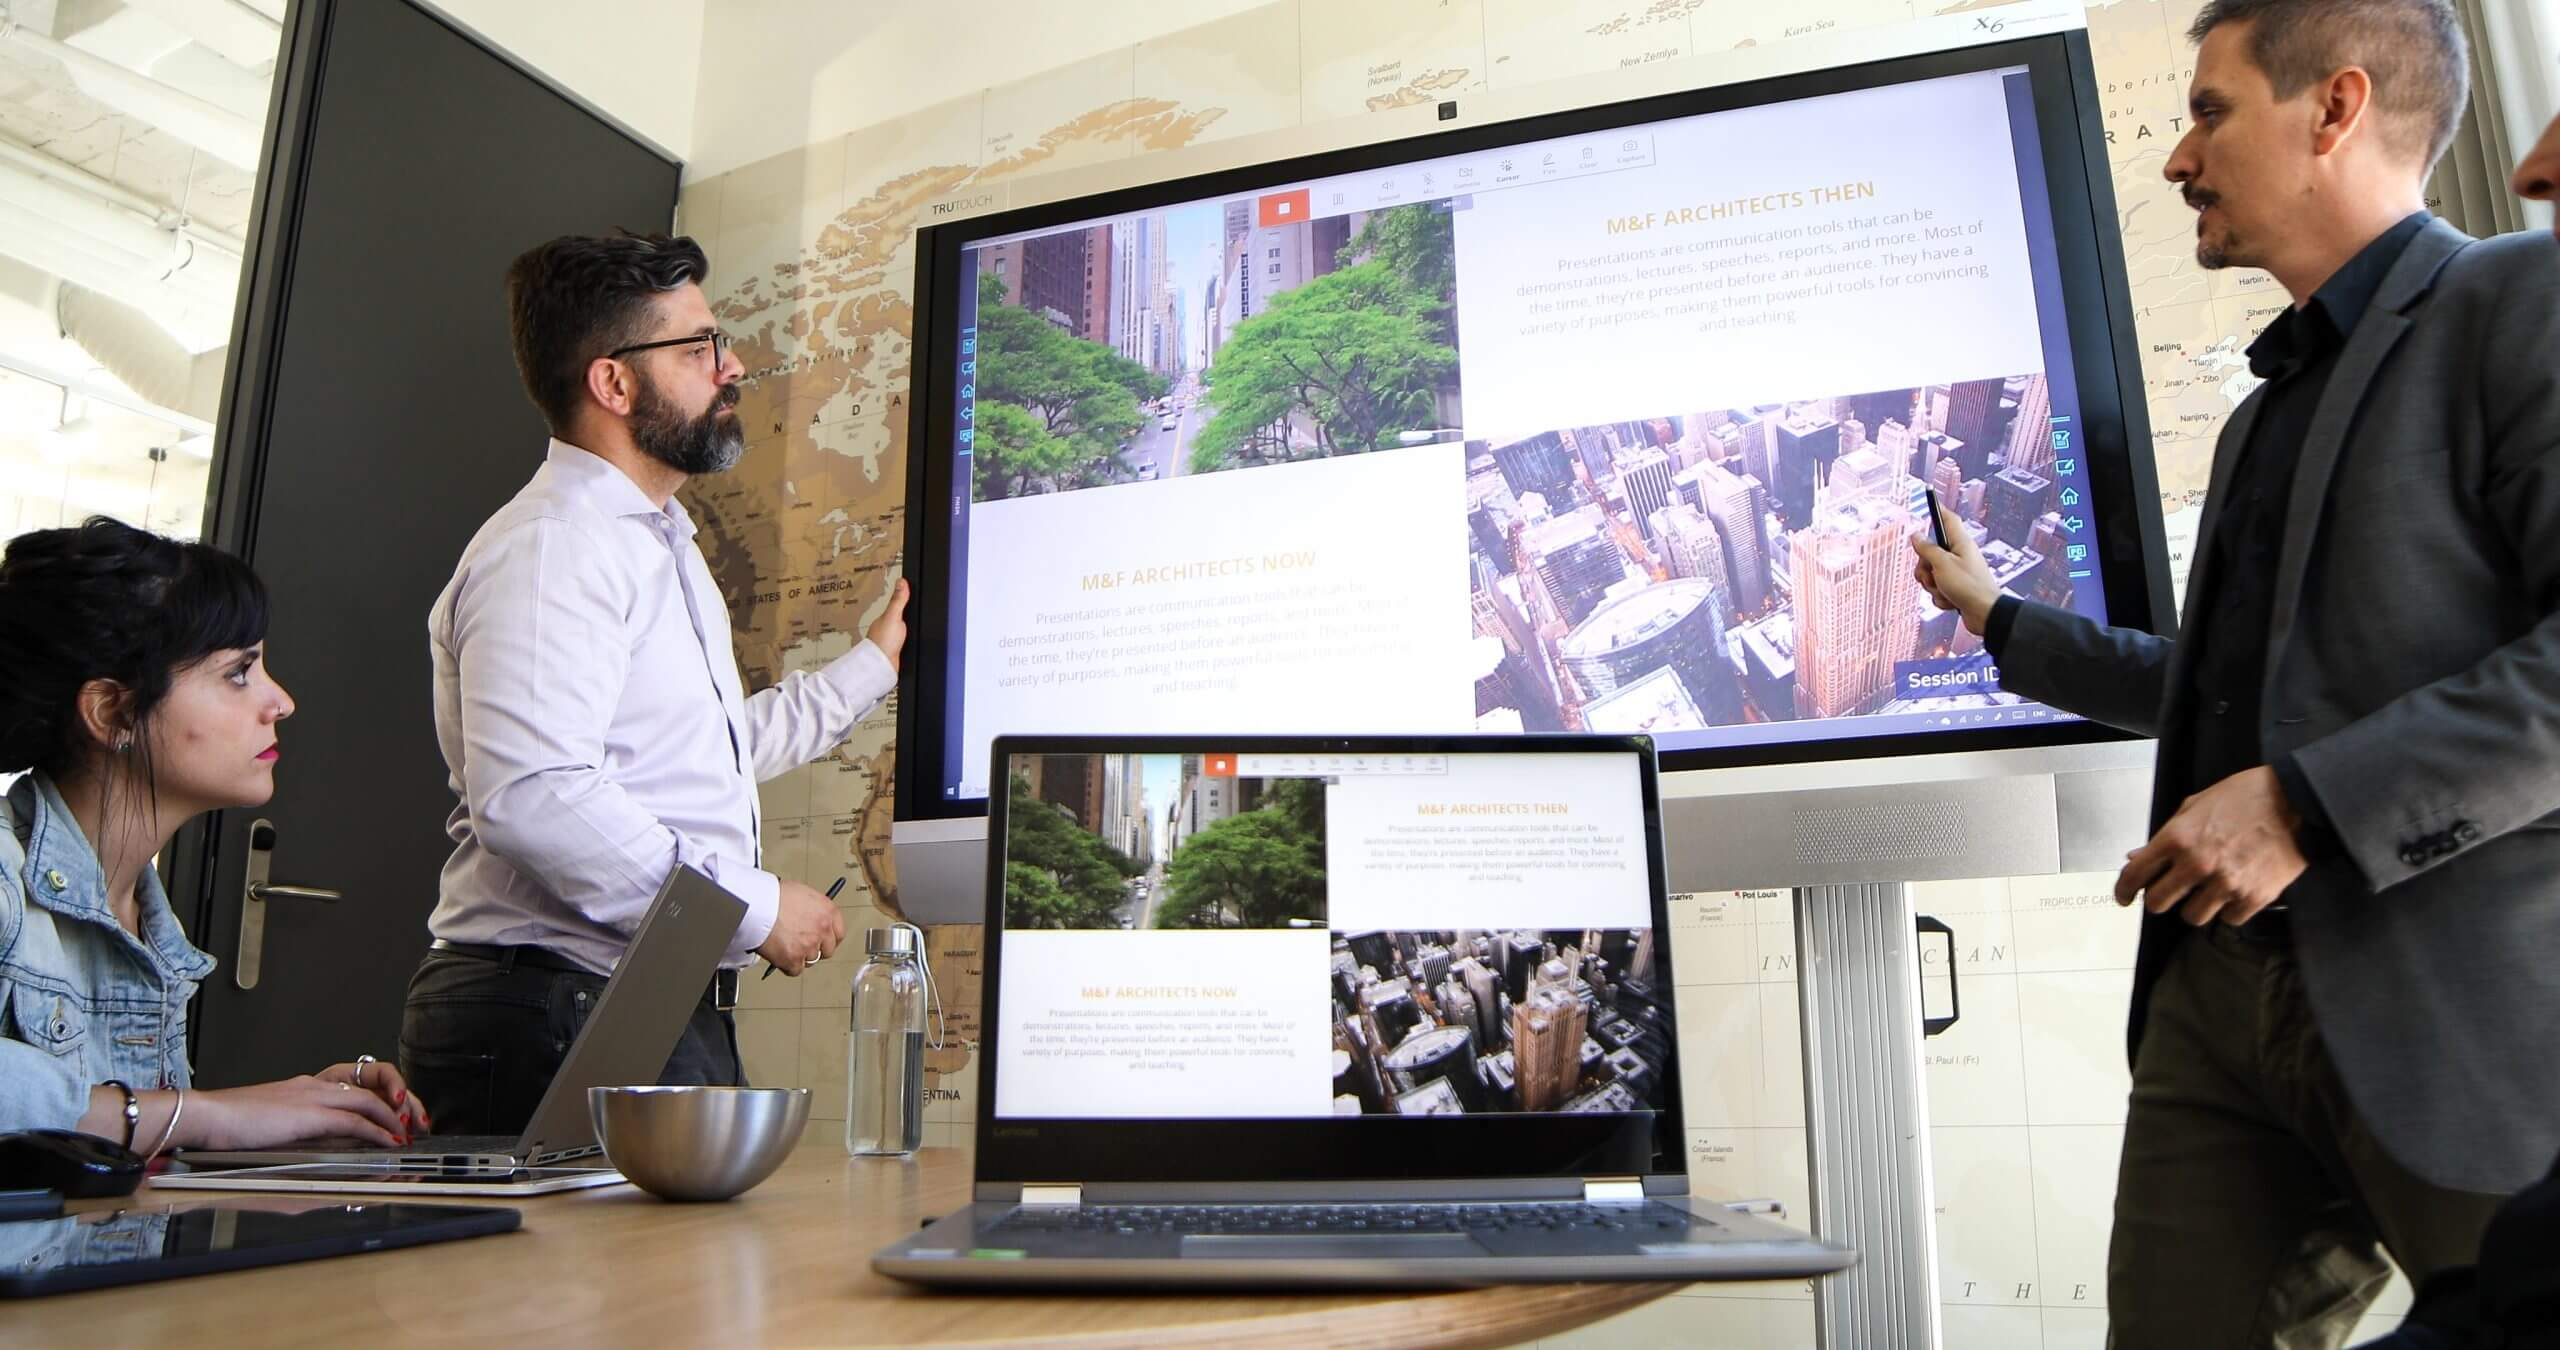 casting, share screen, presentation